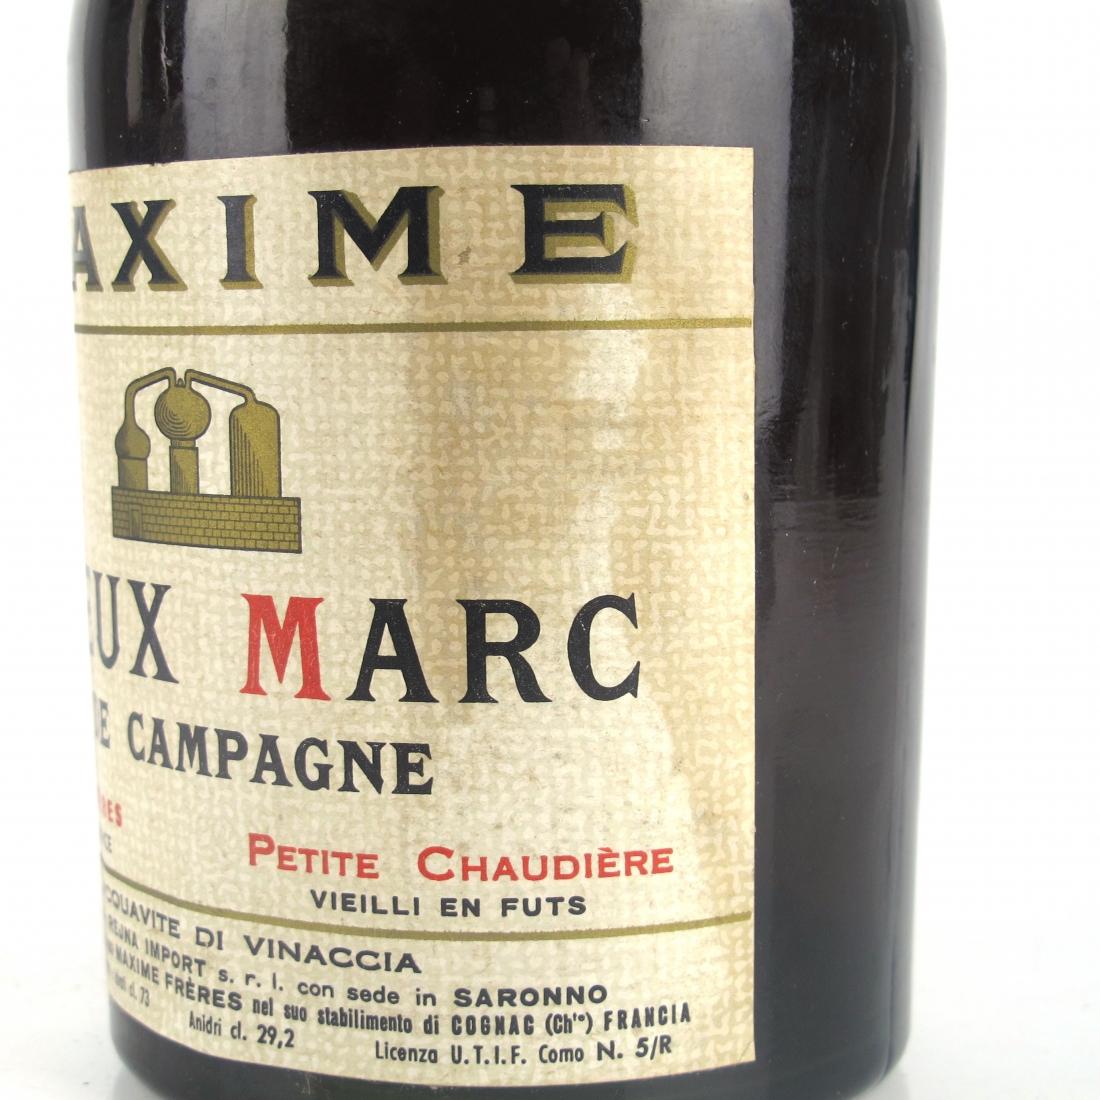 Maxime Vieux Marc de Campagne 1960s